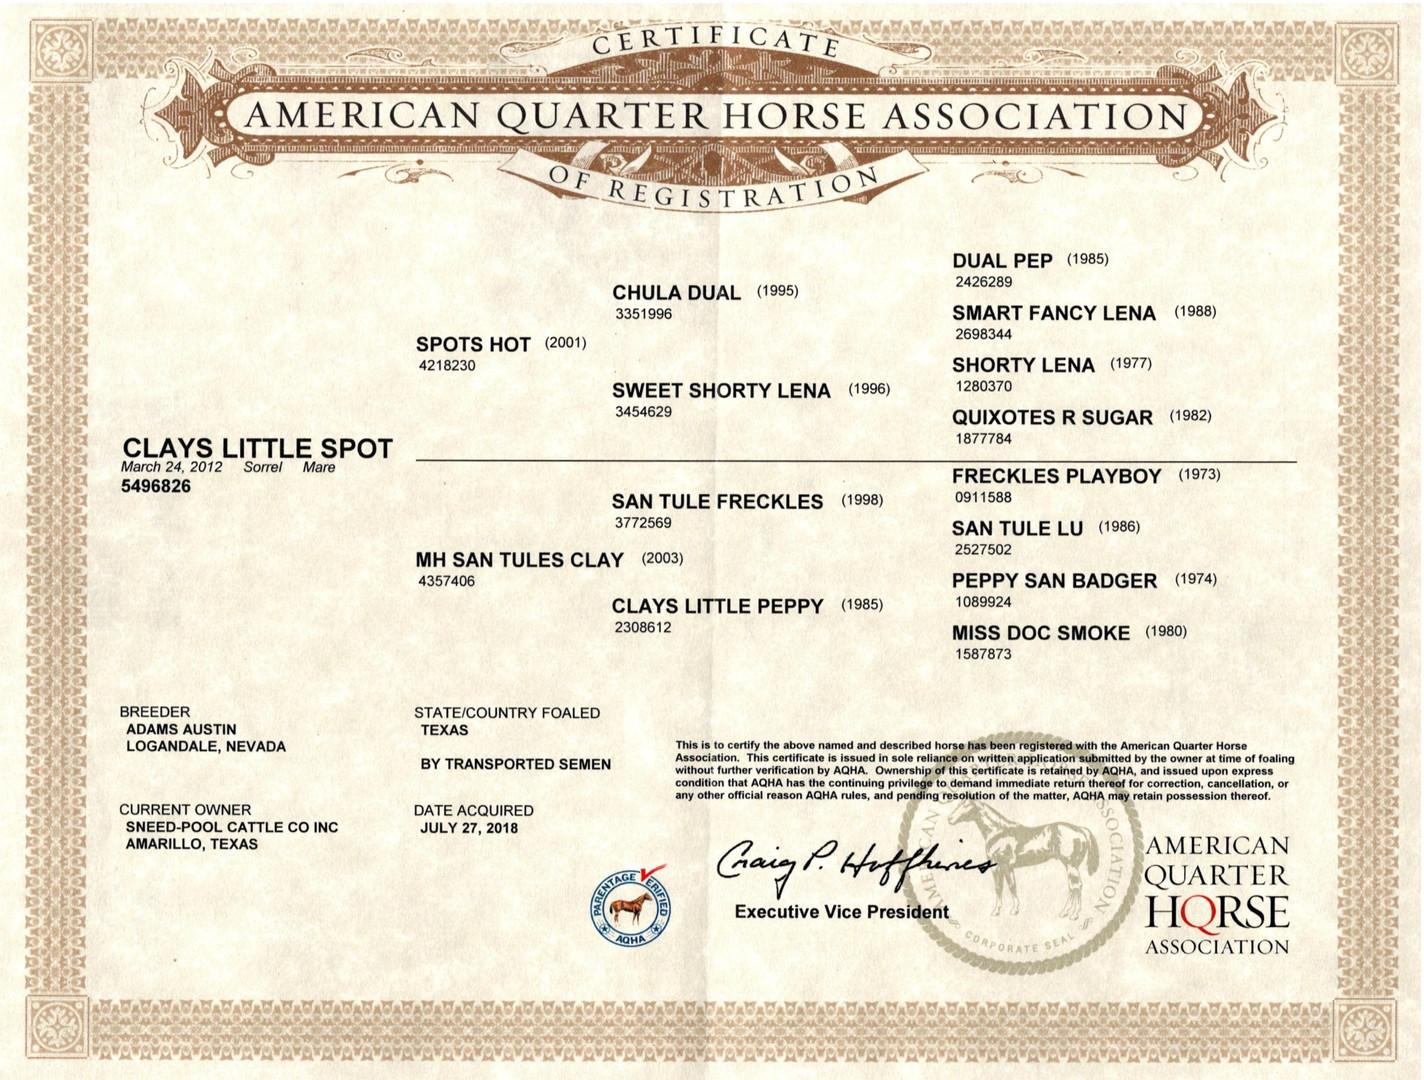 Clays Little Spot AQHA Certificate